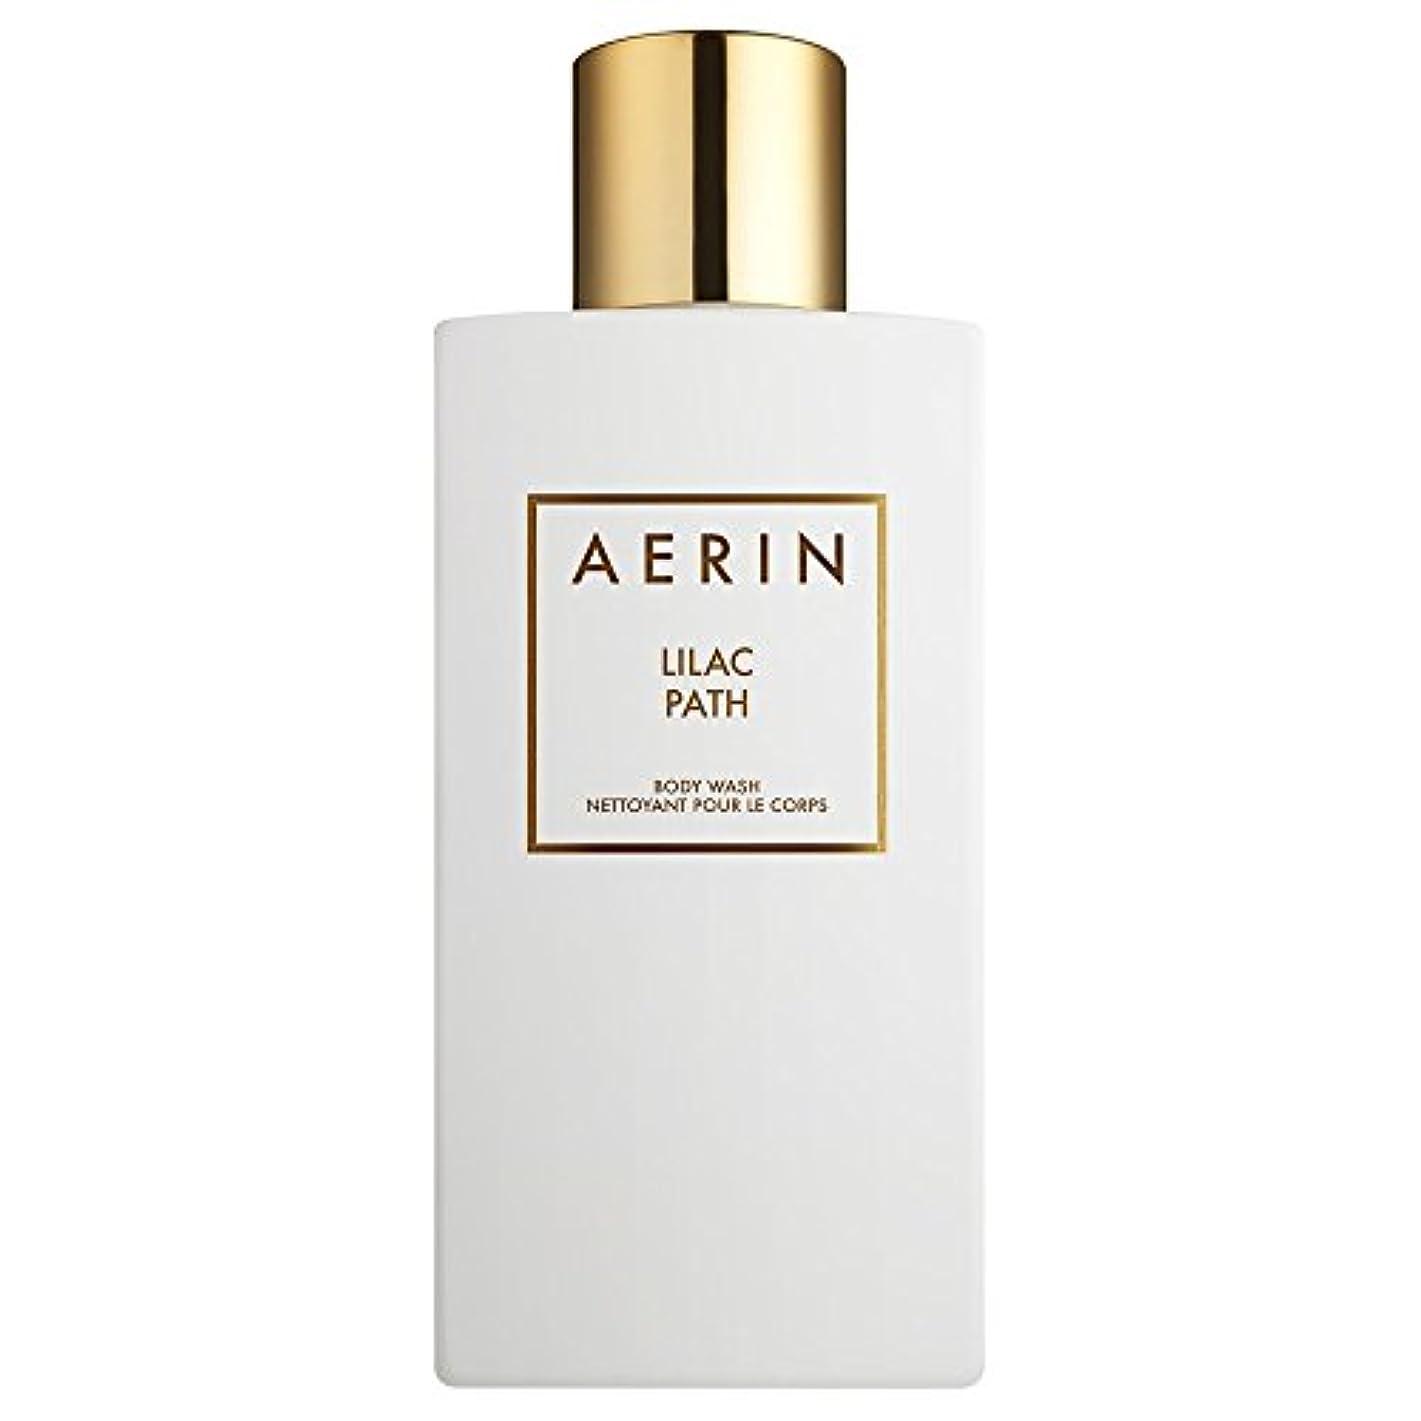 できない実験室流出Aerinライラックパスボディウォッシュ225ミリリットル (AERIN) (x6) - AERIN Lilac Path Bodywash 225ml (Pack of 6) [並行輸入品]